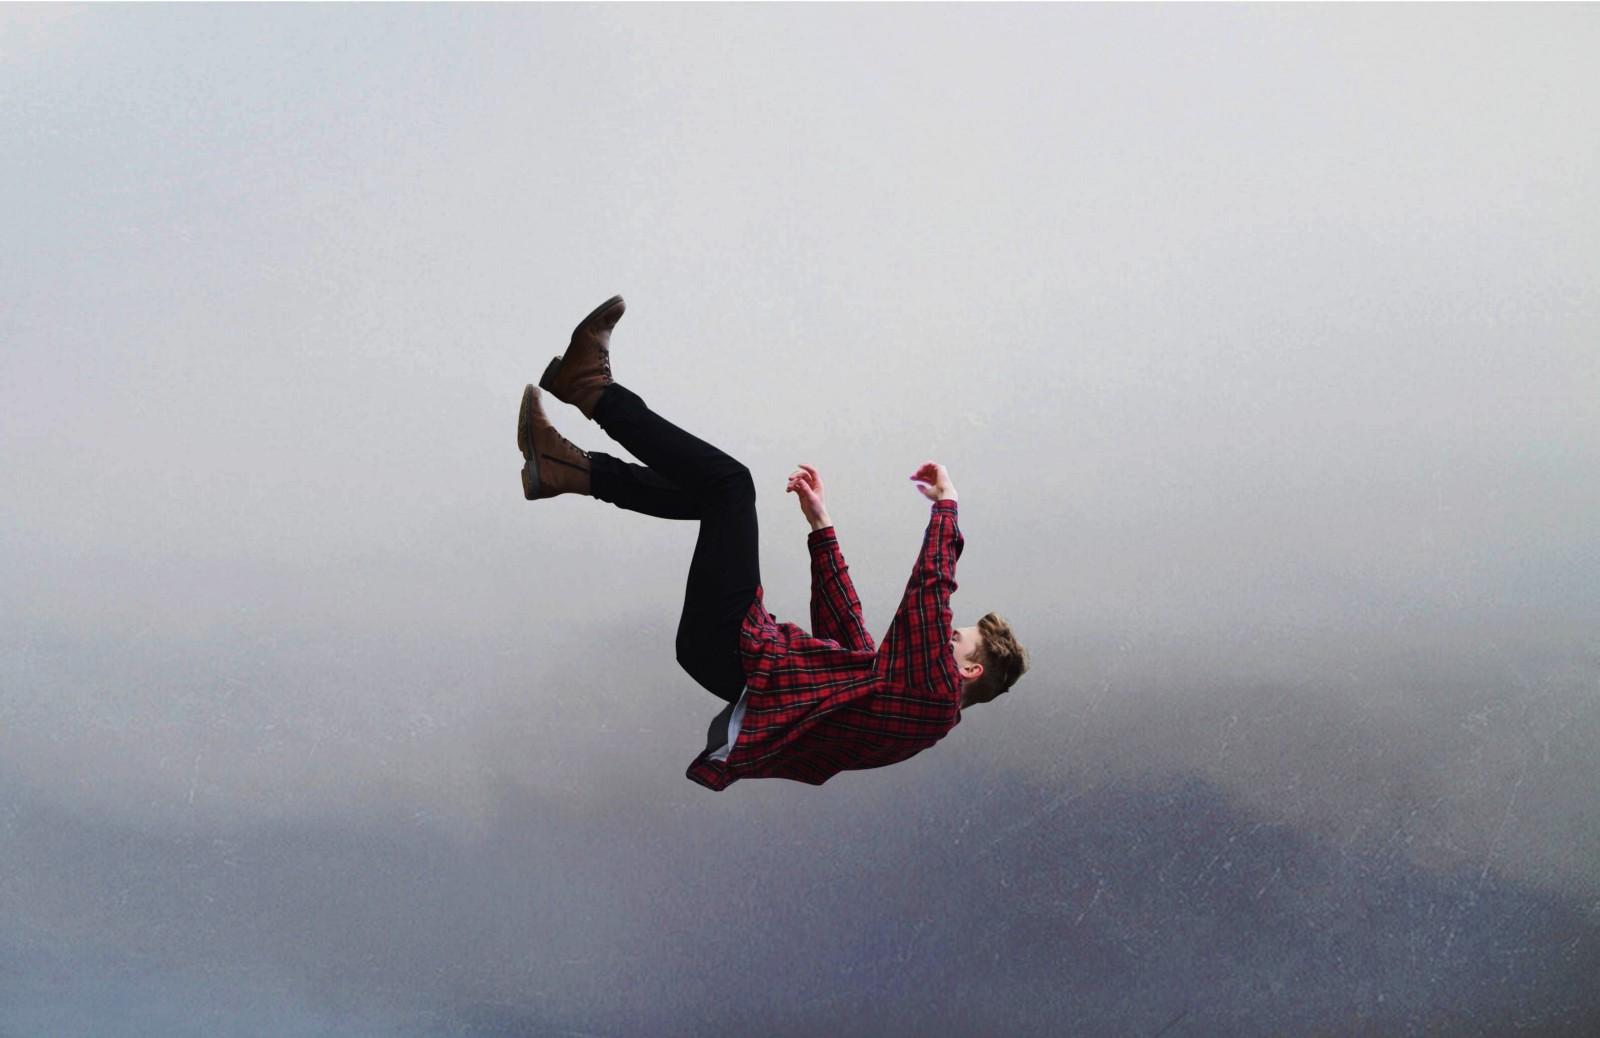 Rüyada Çocuğun Balkondan Düştüğünü Görmek